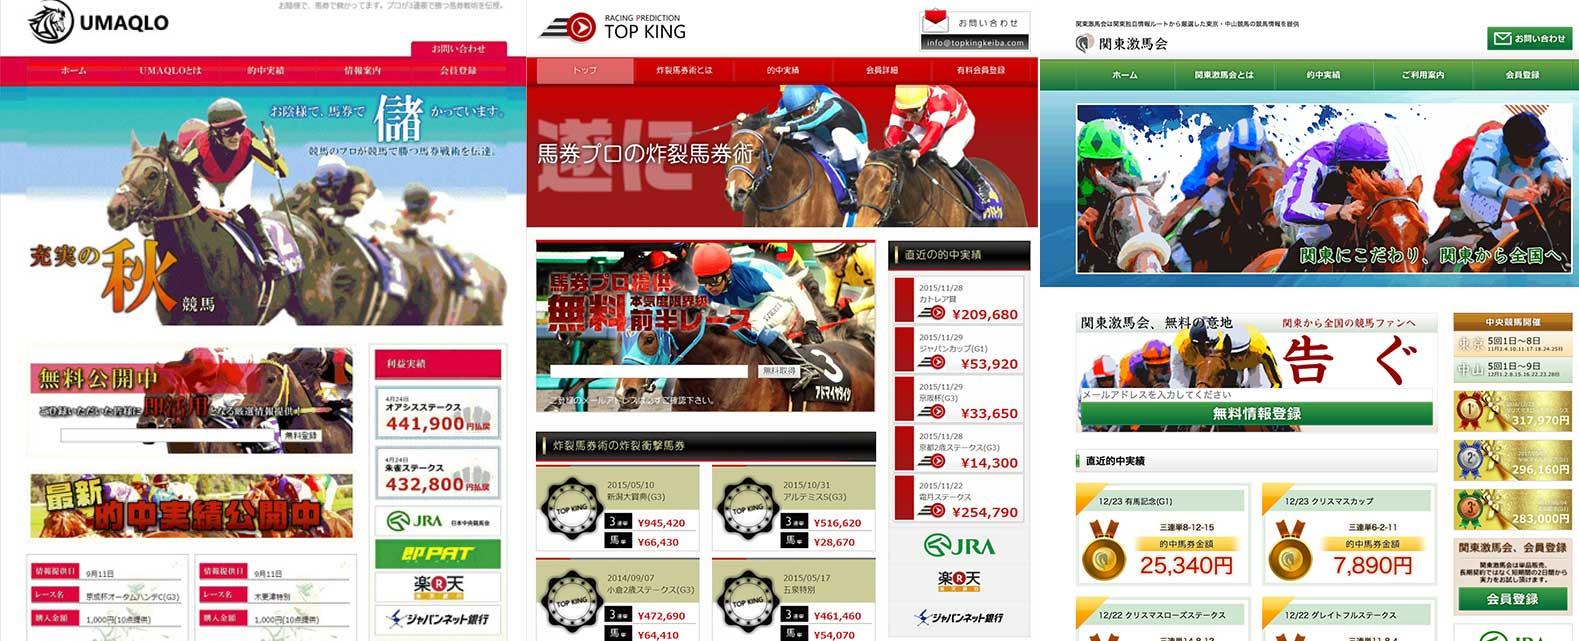 関東激馬会という競馬予想サイトと似た予想サイトばかり作る運営社